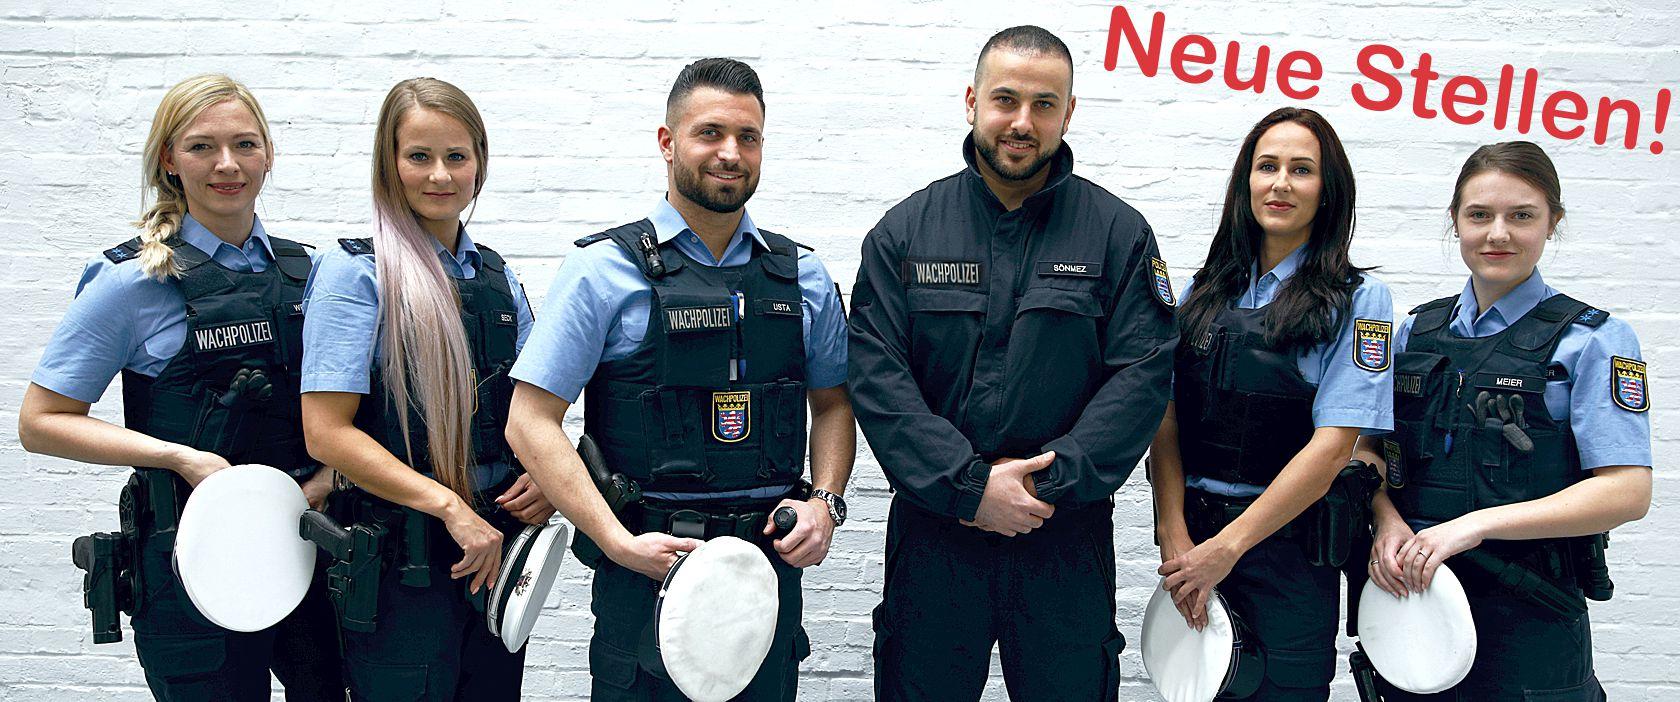 Polizei Hessen Deine Ausbildung Und Karriere Bei Der Polizei 4